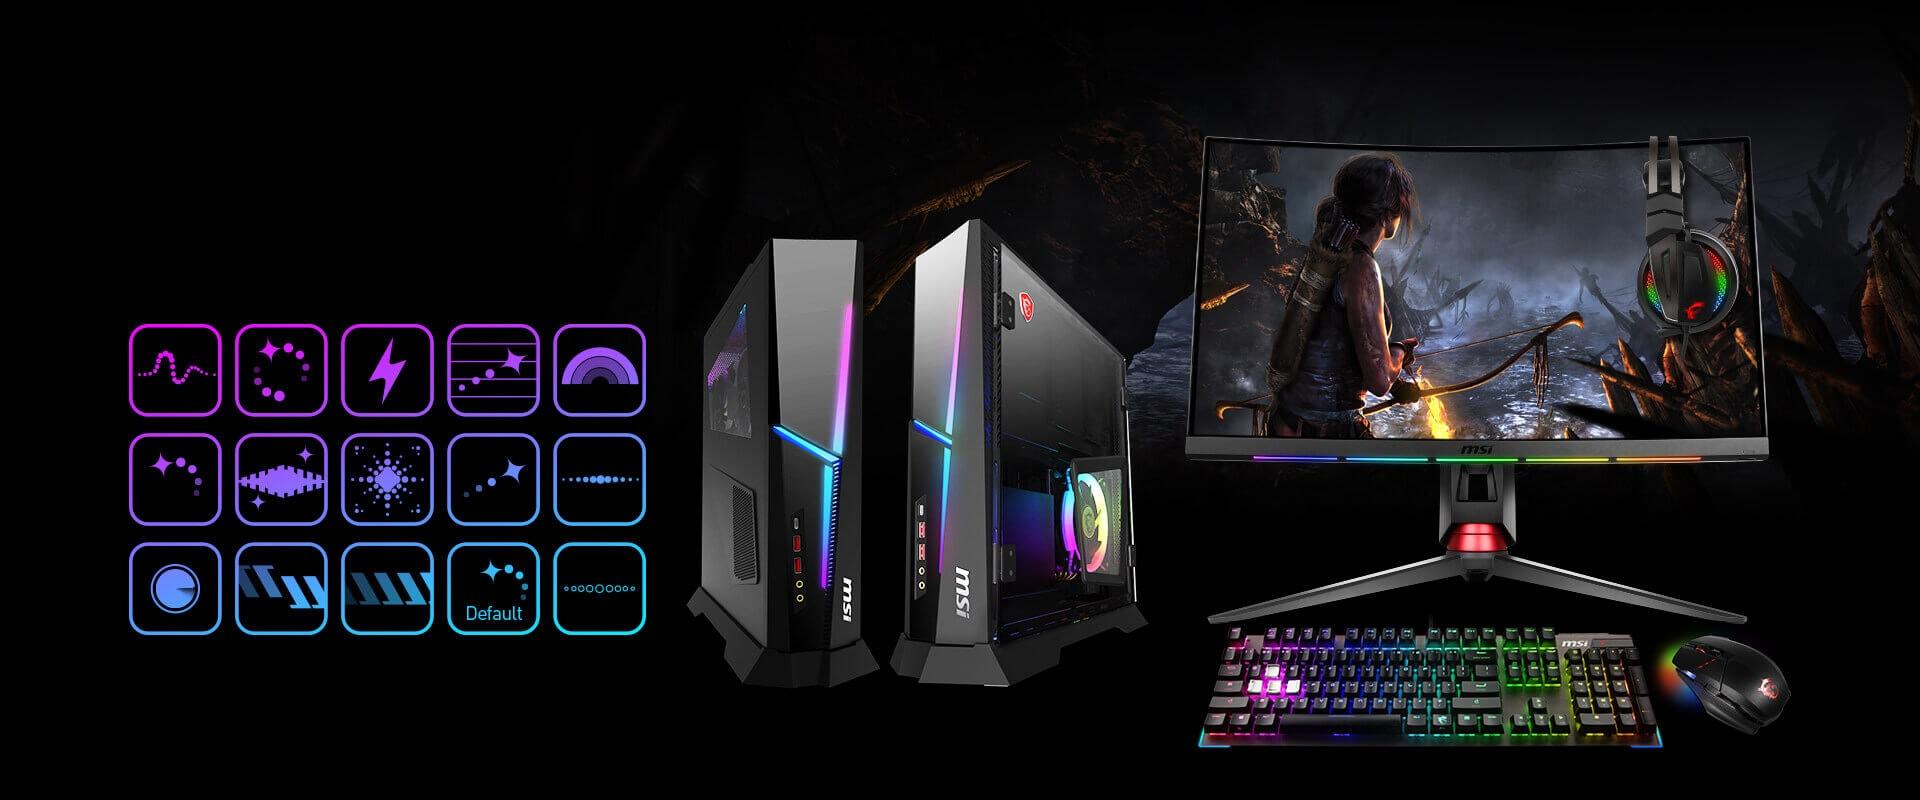 msi-desktop